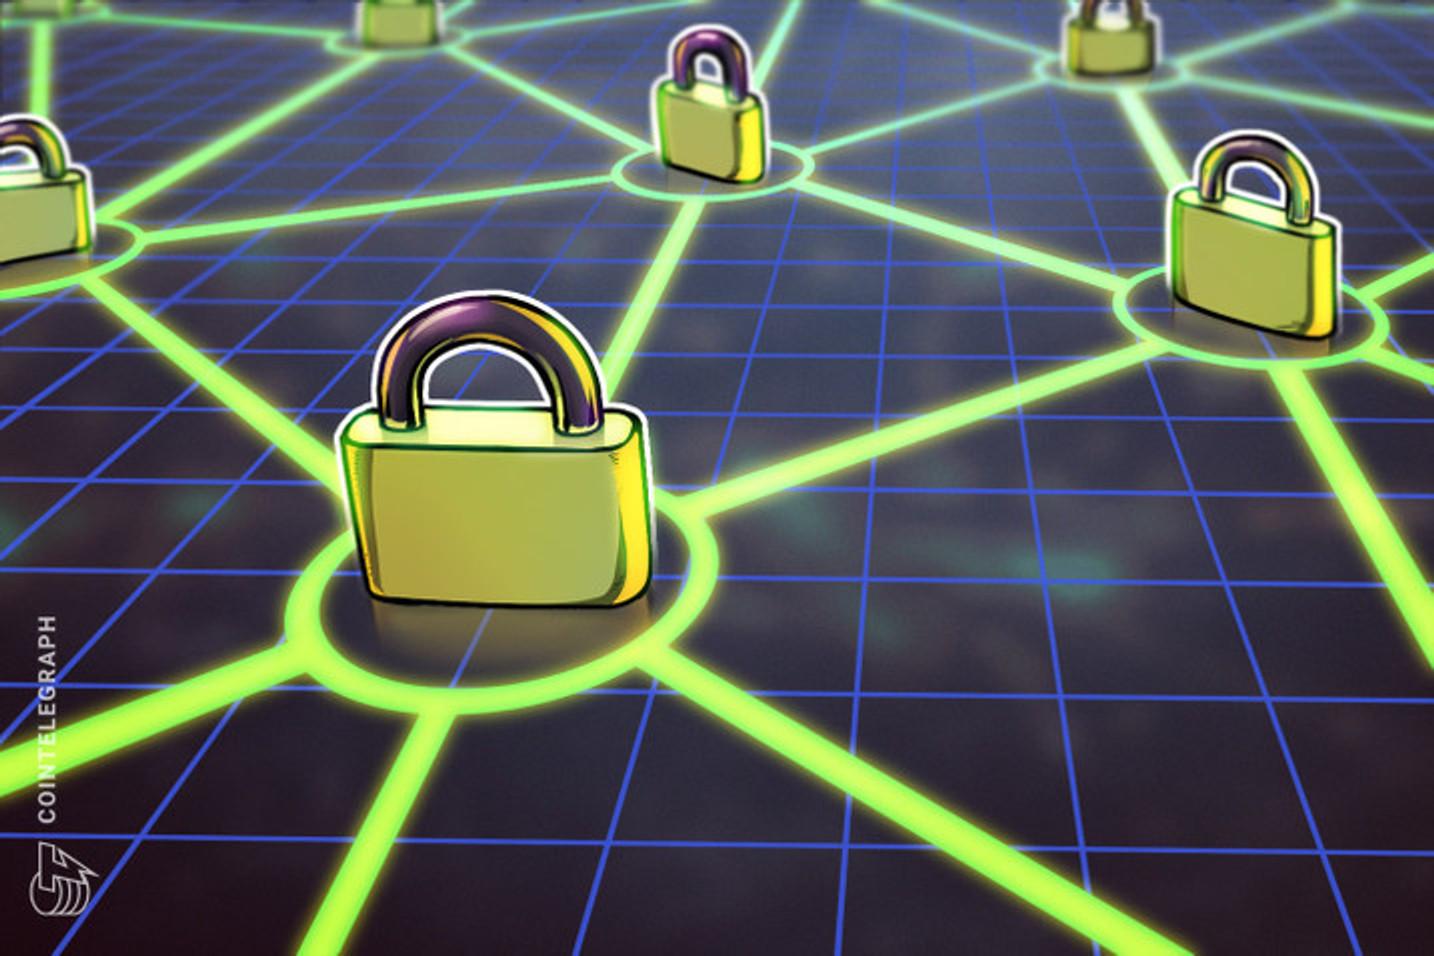 Criptografía: IBM lanza nuevos servicios de cifrado homomórfico